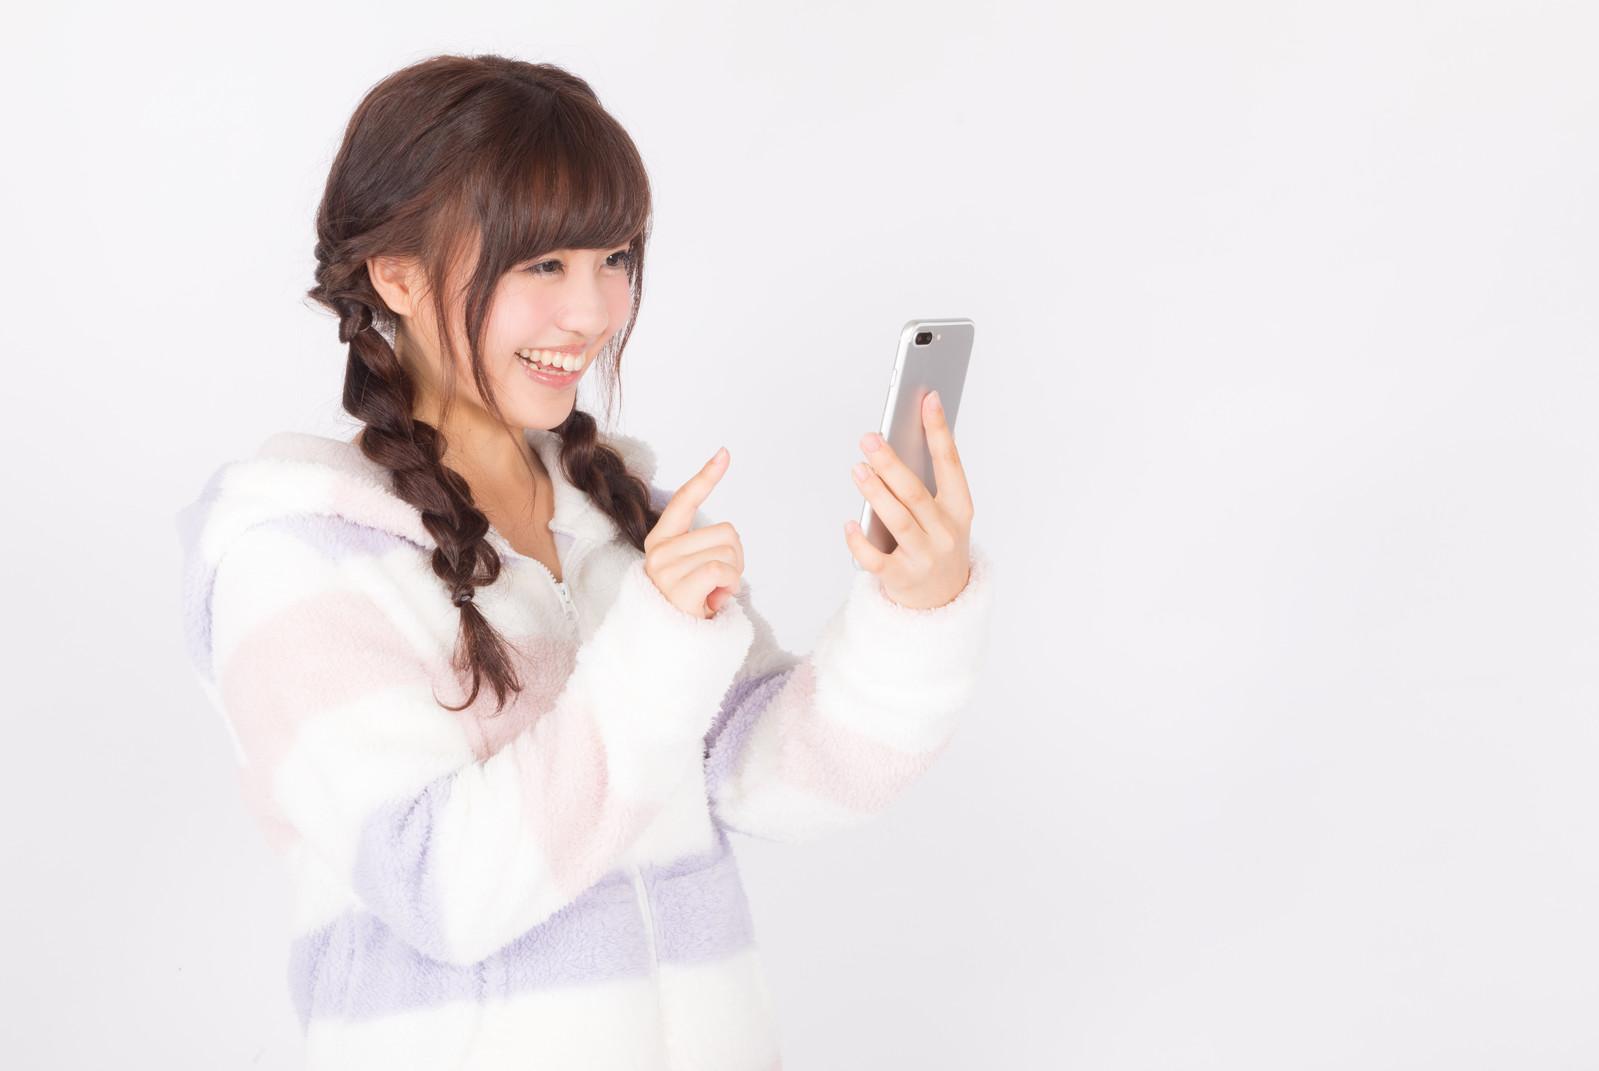 おすすめスライドショーアプリ6選!好きな音楽を付けて作ろう!